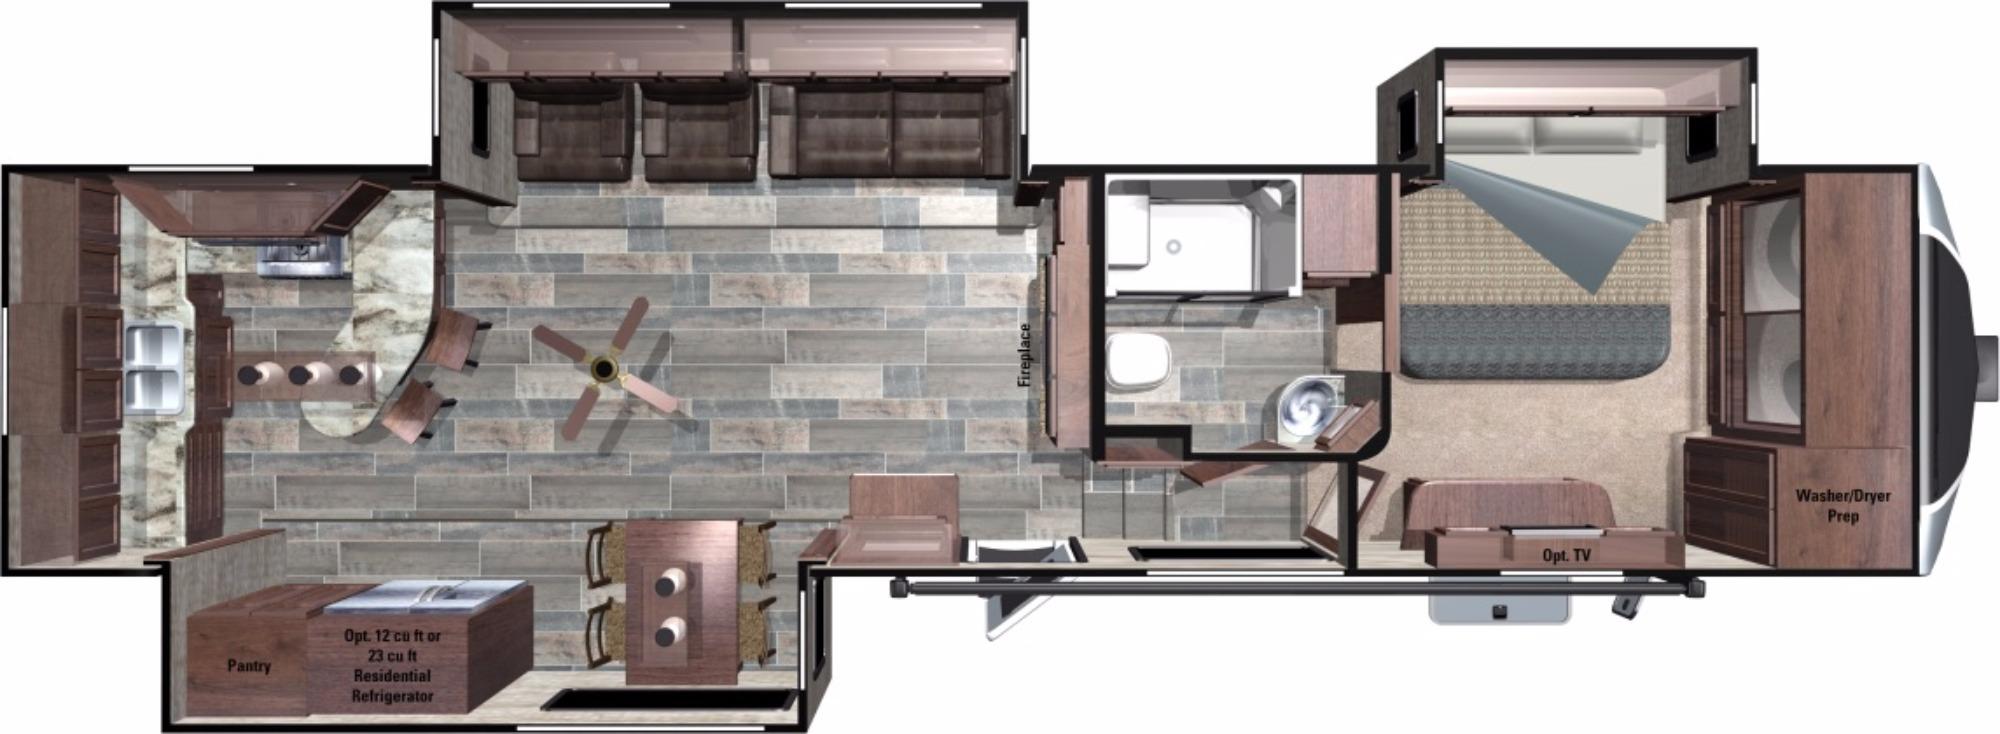 View Floor Plan for 2018 HIGHLAND RIDGE OPEN RANGE 3X 388RKS